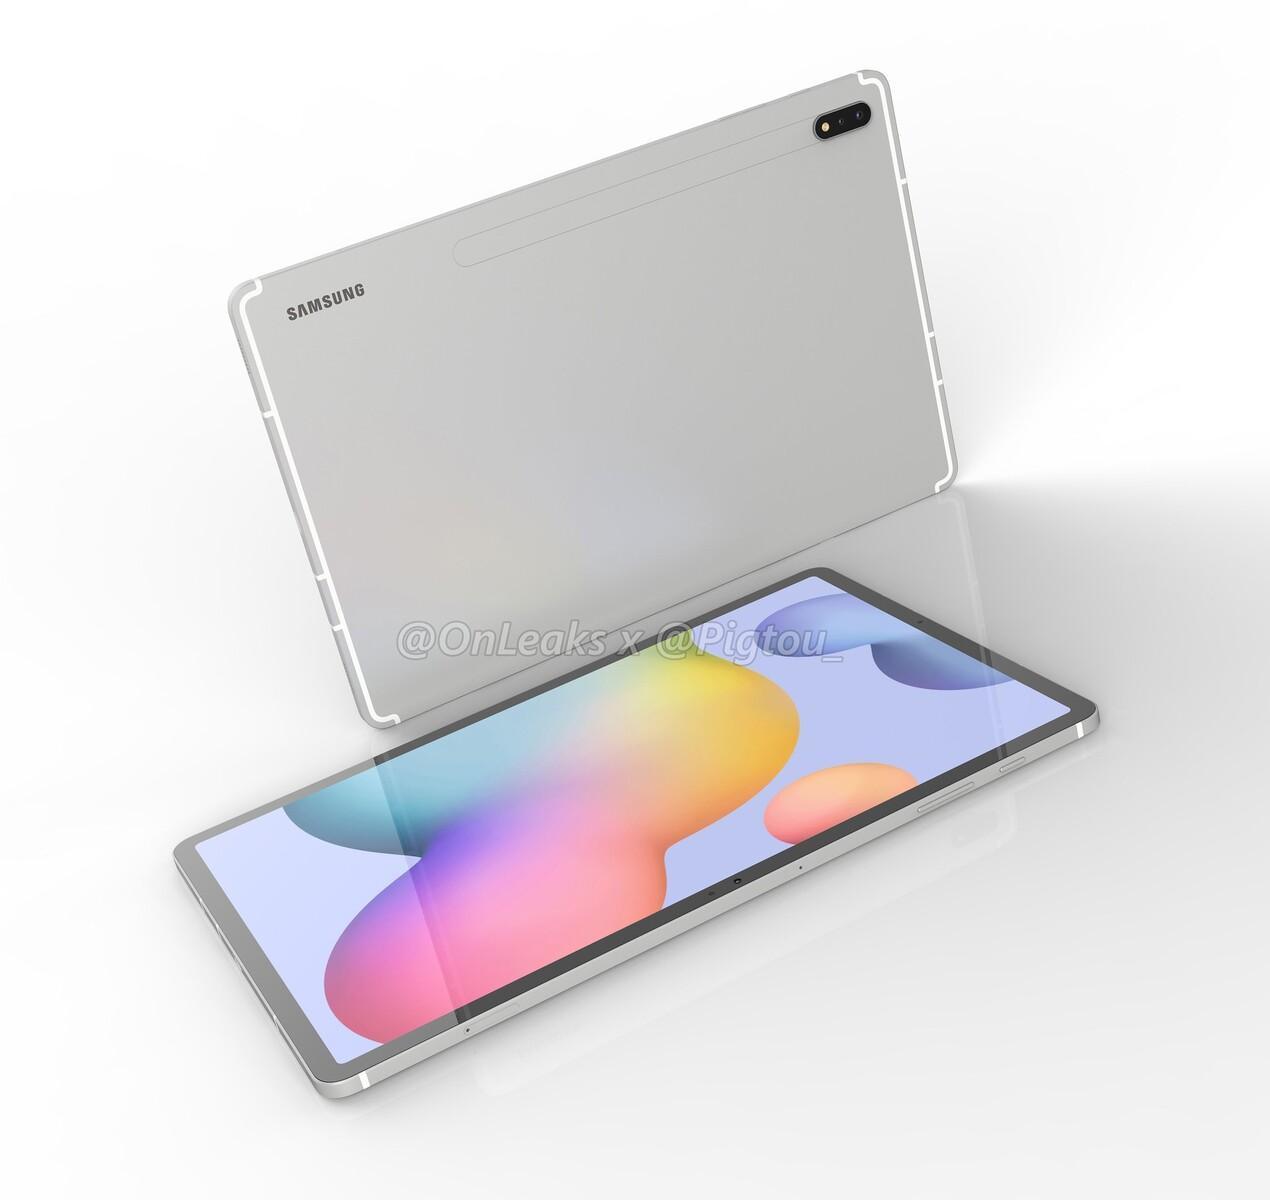 三星德国确认Galaxy Tab S7 +的5G版本;15 W充电器可用于10,000 mAh平板电脑